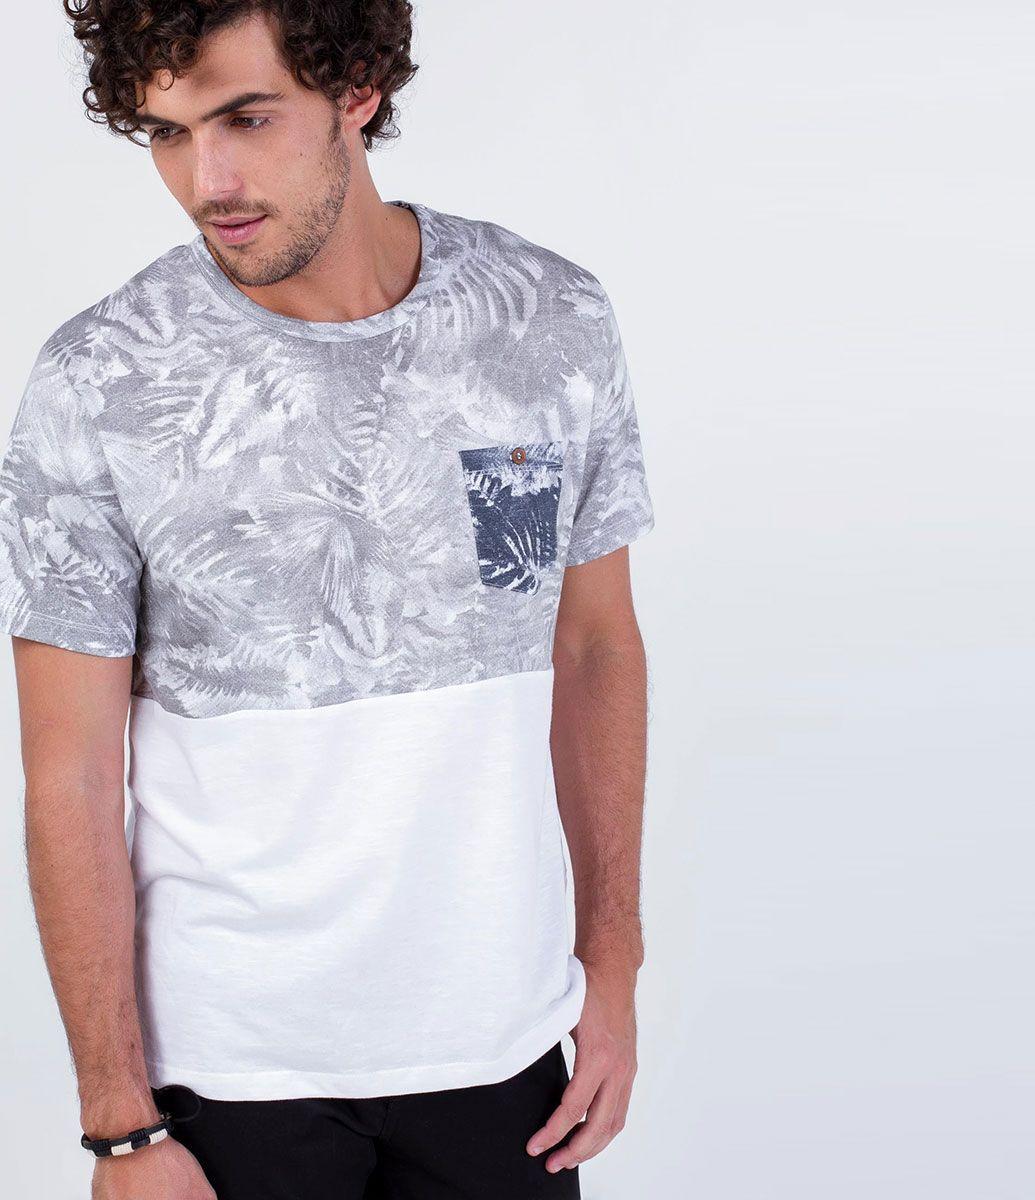 9a5148501e Camiseta masculina Manga curta Floral Com bolso Marca  Blue Steel Tecido    algodão Composição  100% algodão Modelo veste tamanho  M COLEÇÃO VERÃO 2016  Veja ...